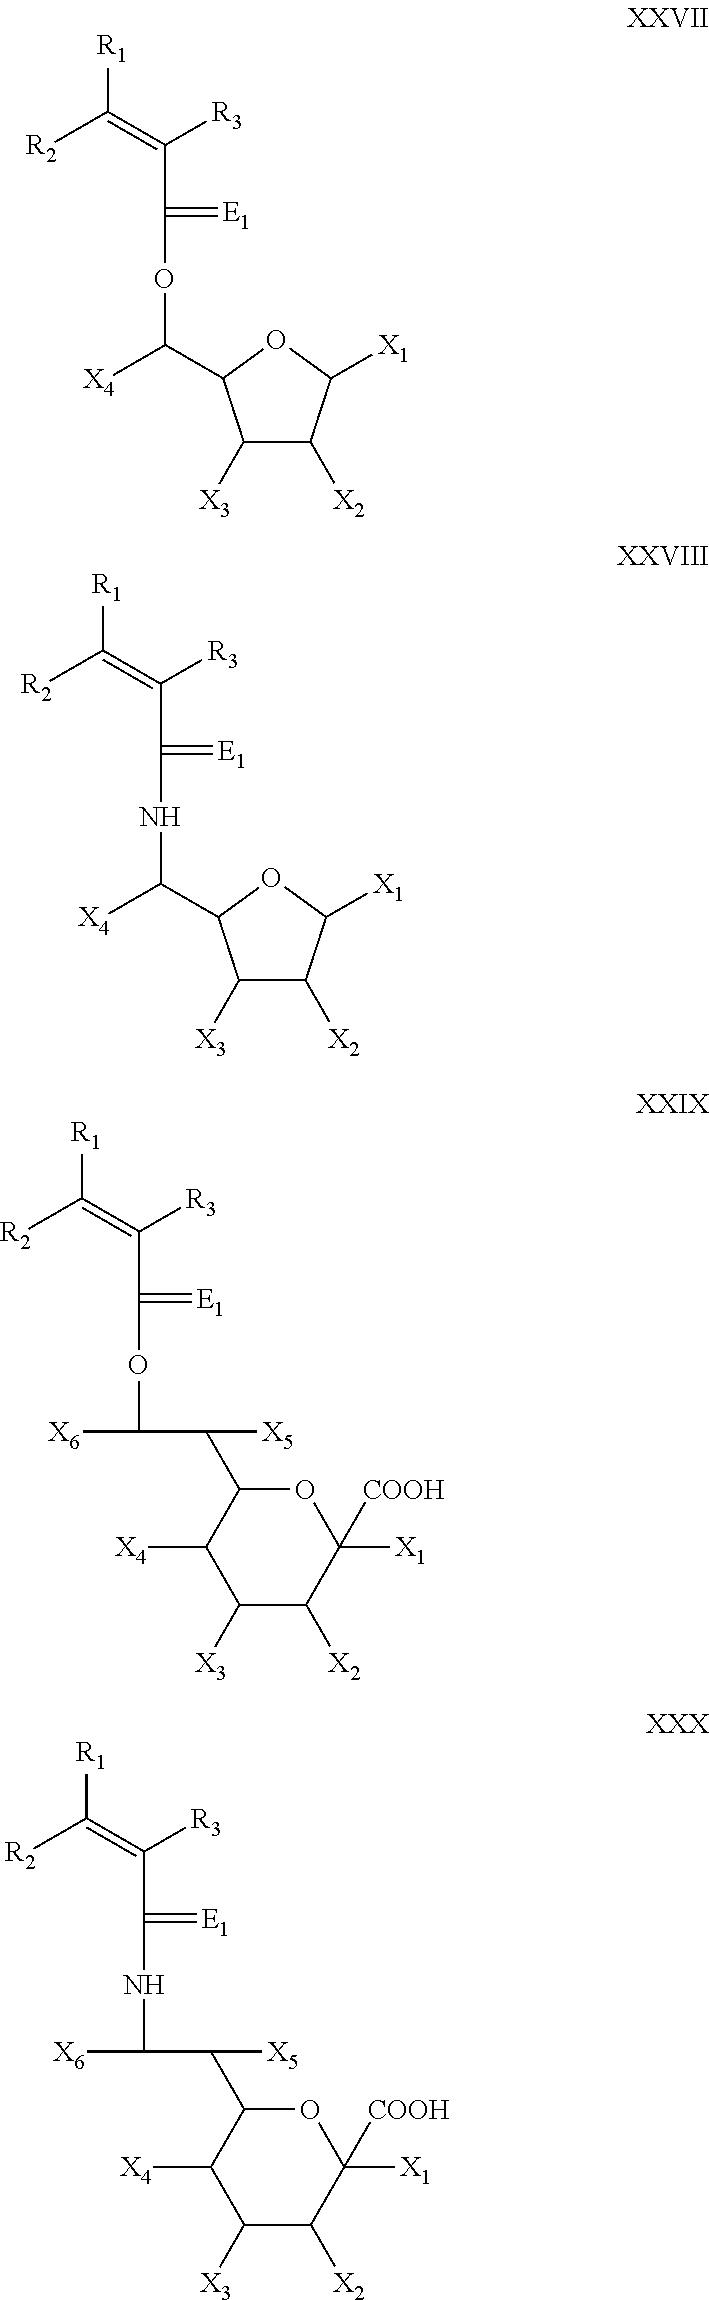 Figure US09872936-20180123-C00005